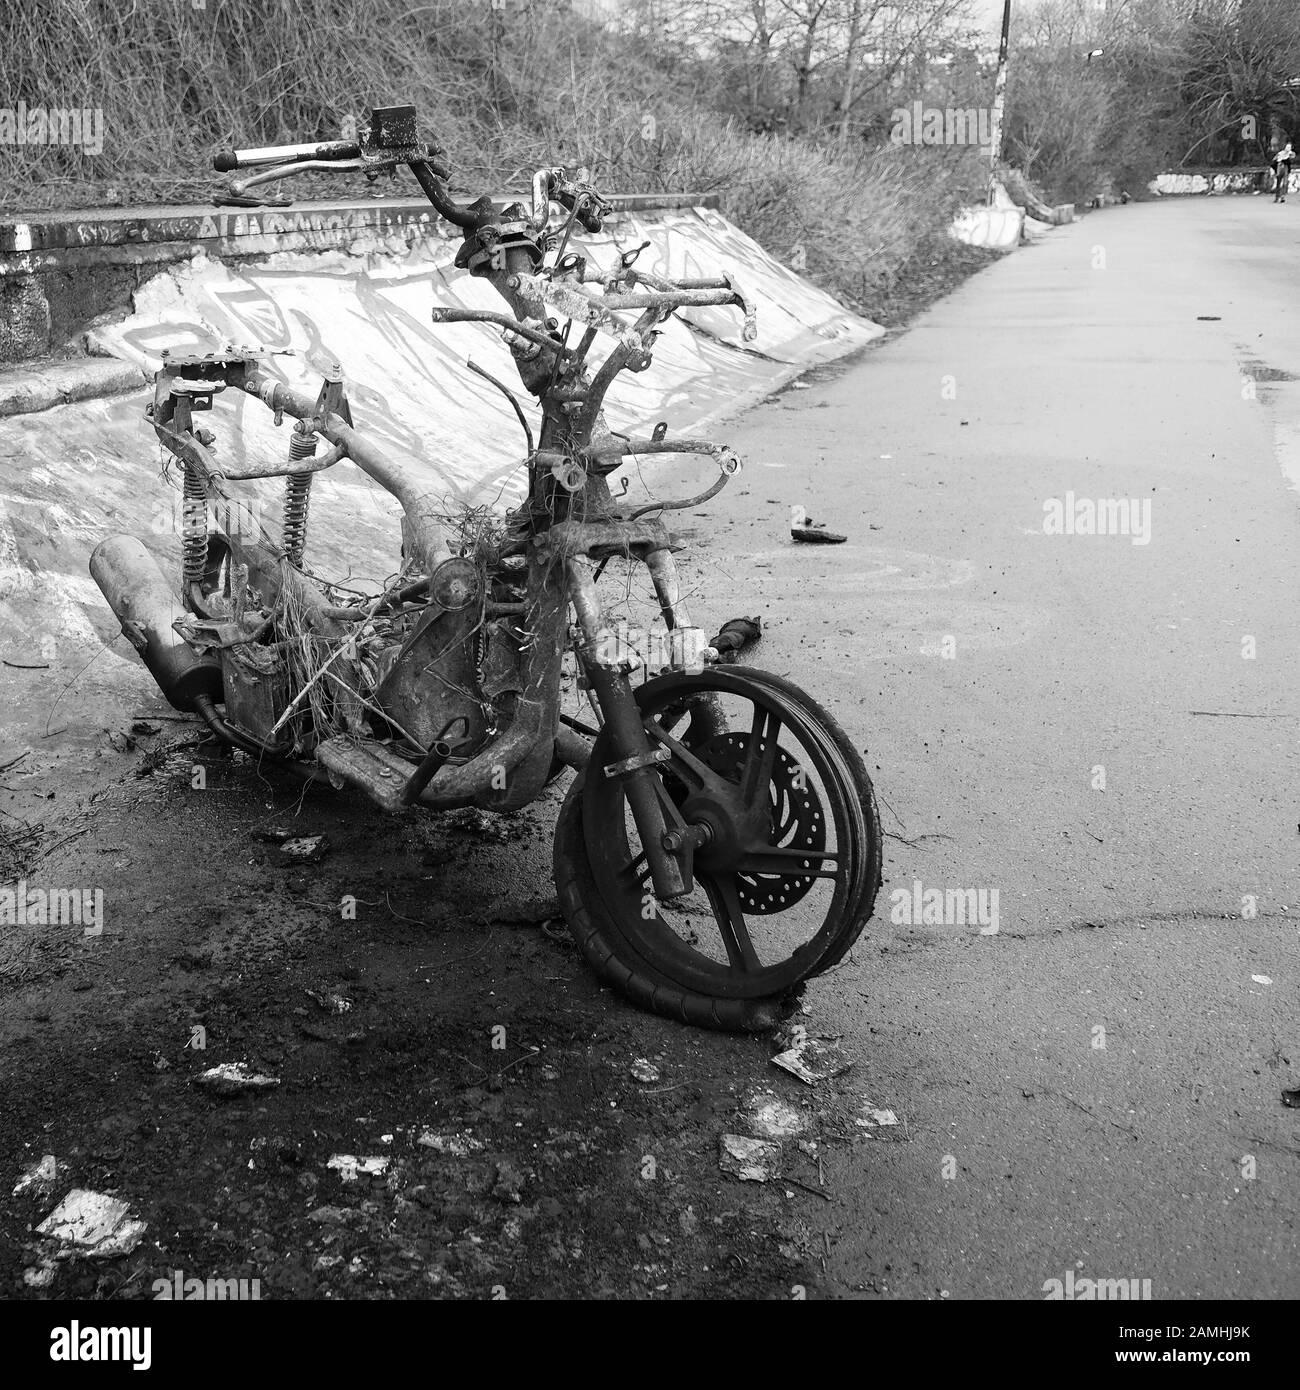 Januar 2020 - Roller In Bristol auf einem Fahrweg Ausgebrannt Stockfoto